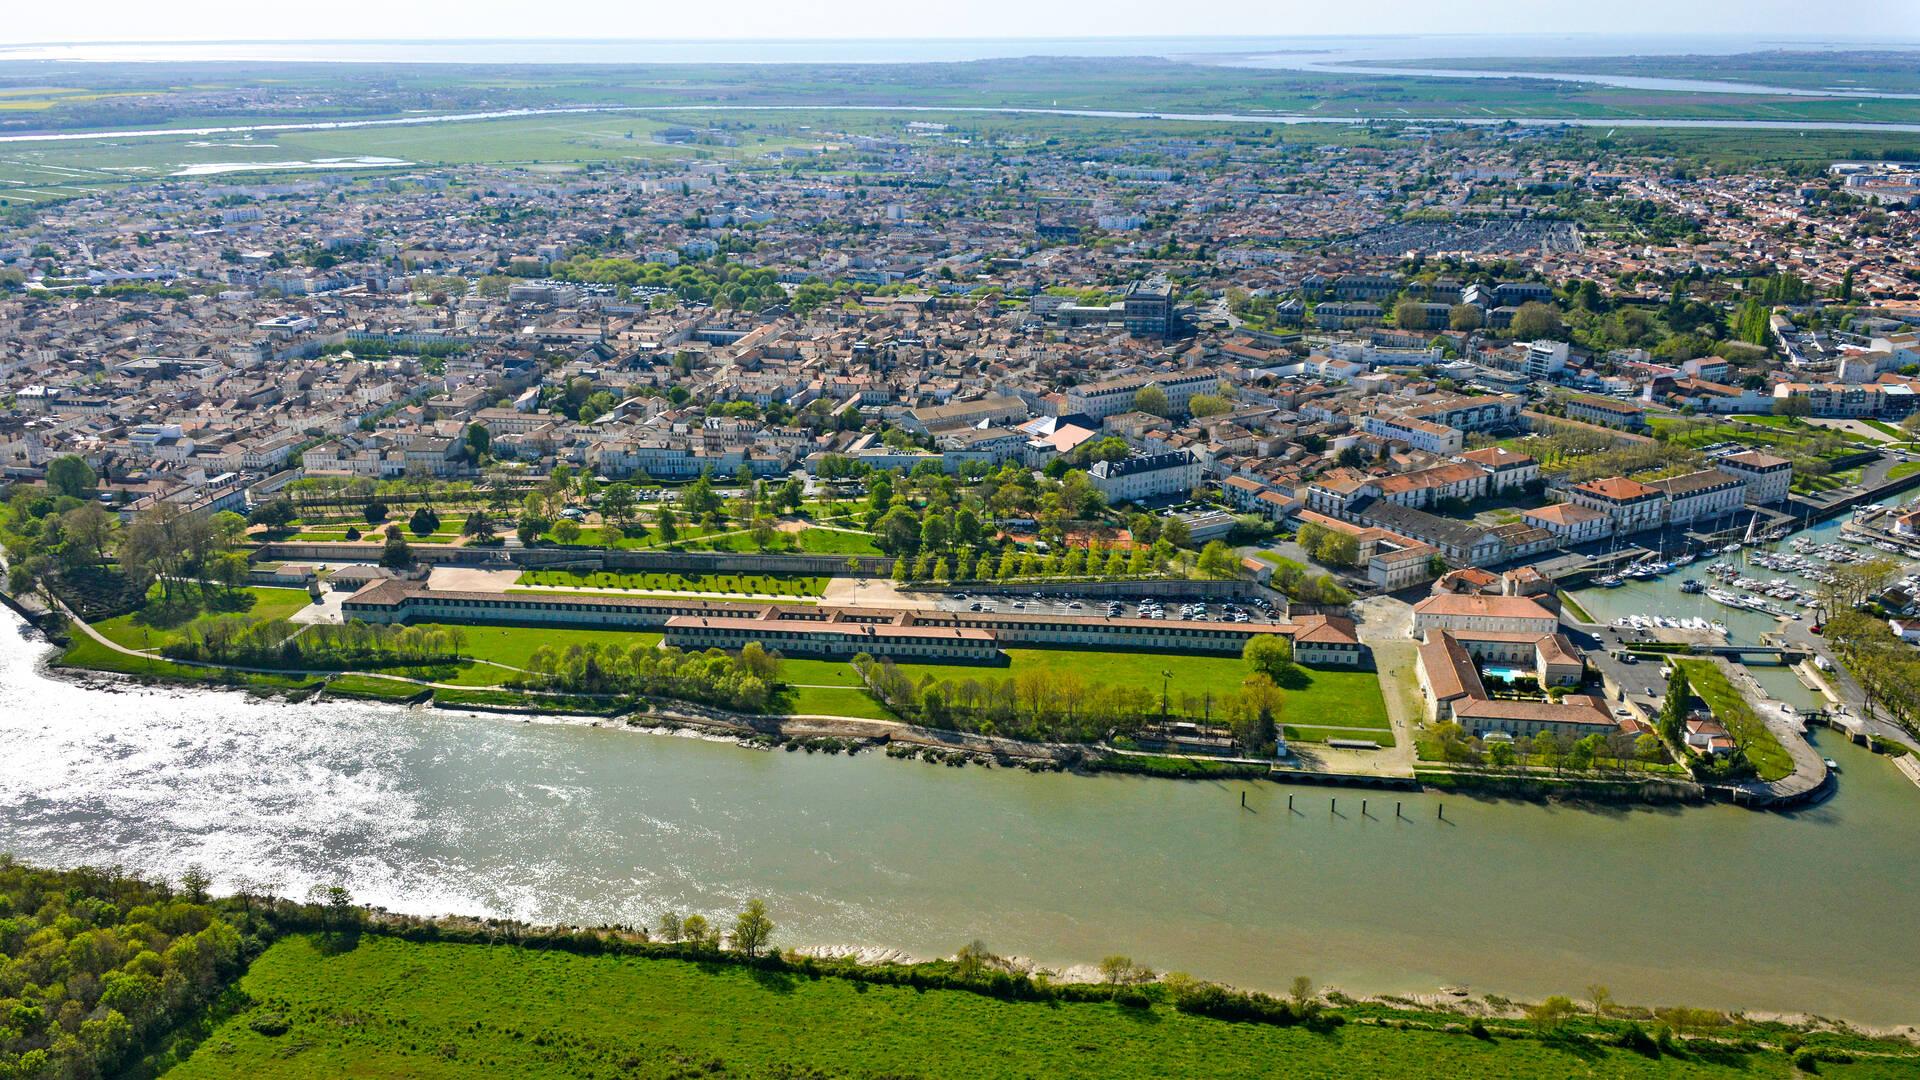 Vue aérienne de Rochefort - © Patrice Blot - DREAL